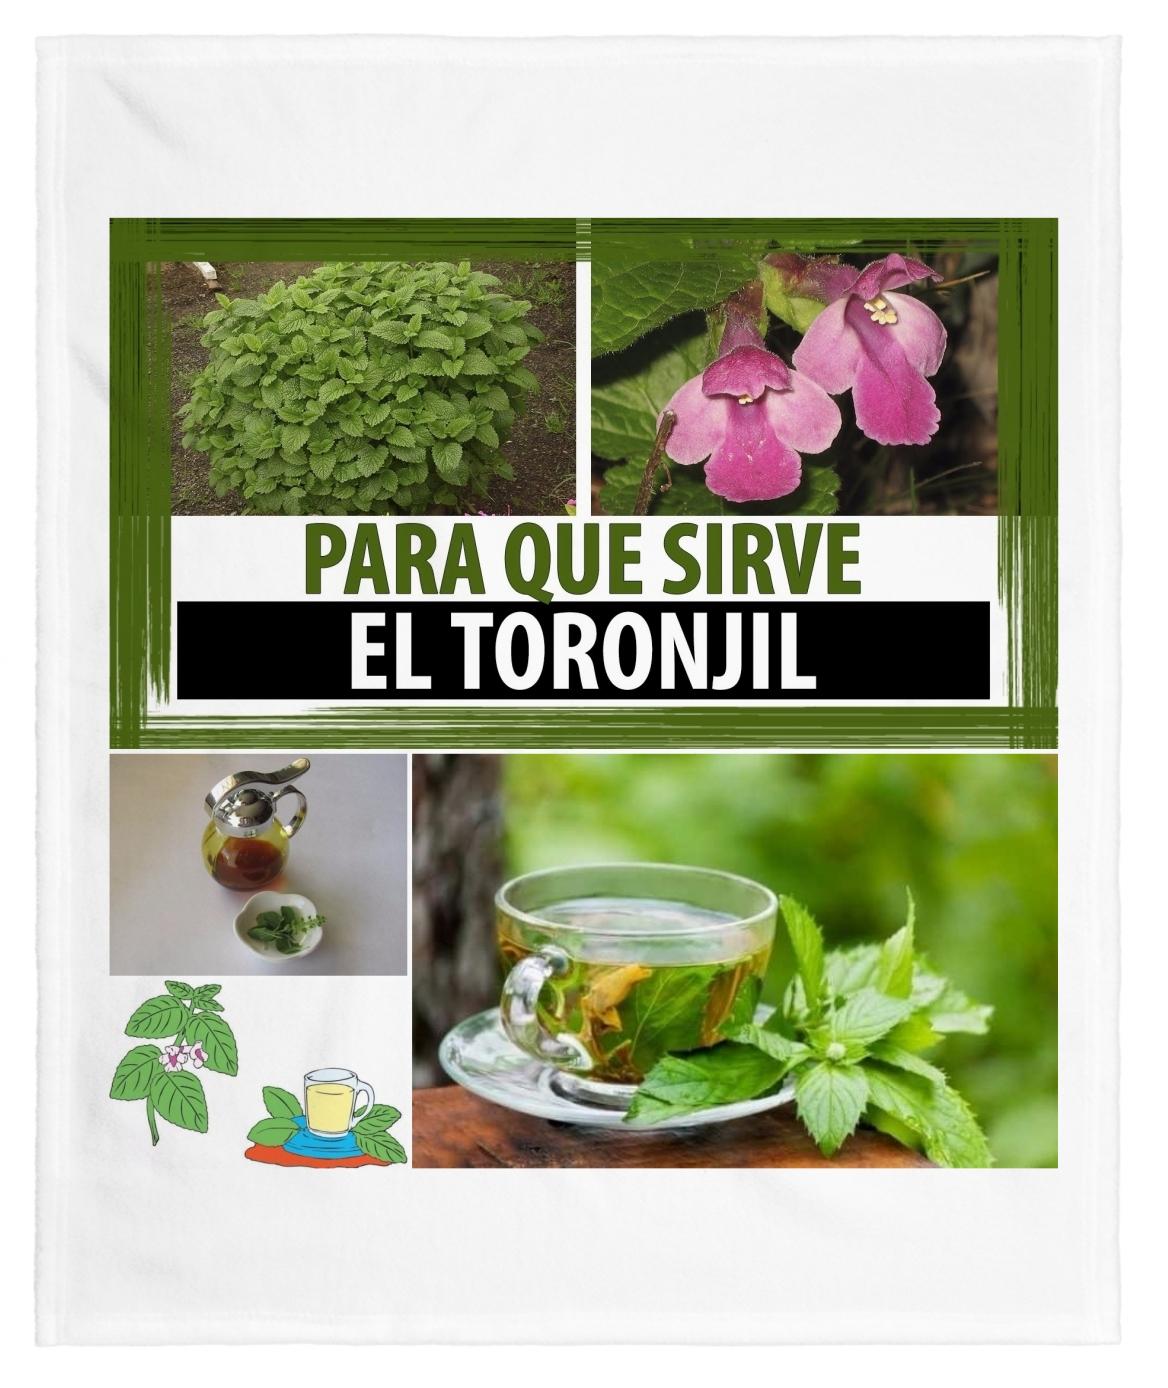 Toronjil Propiedades, beneficios y para que sirve